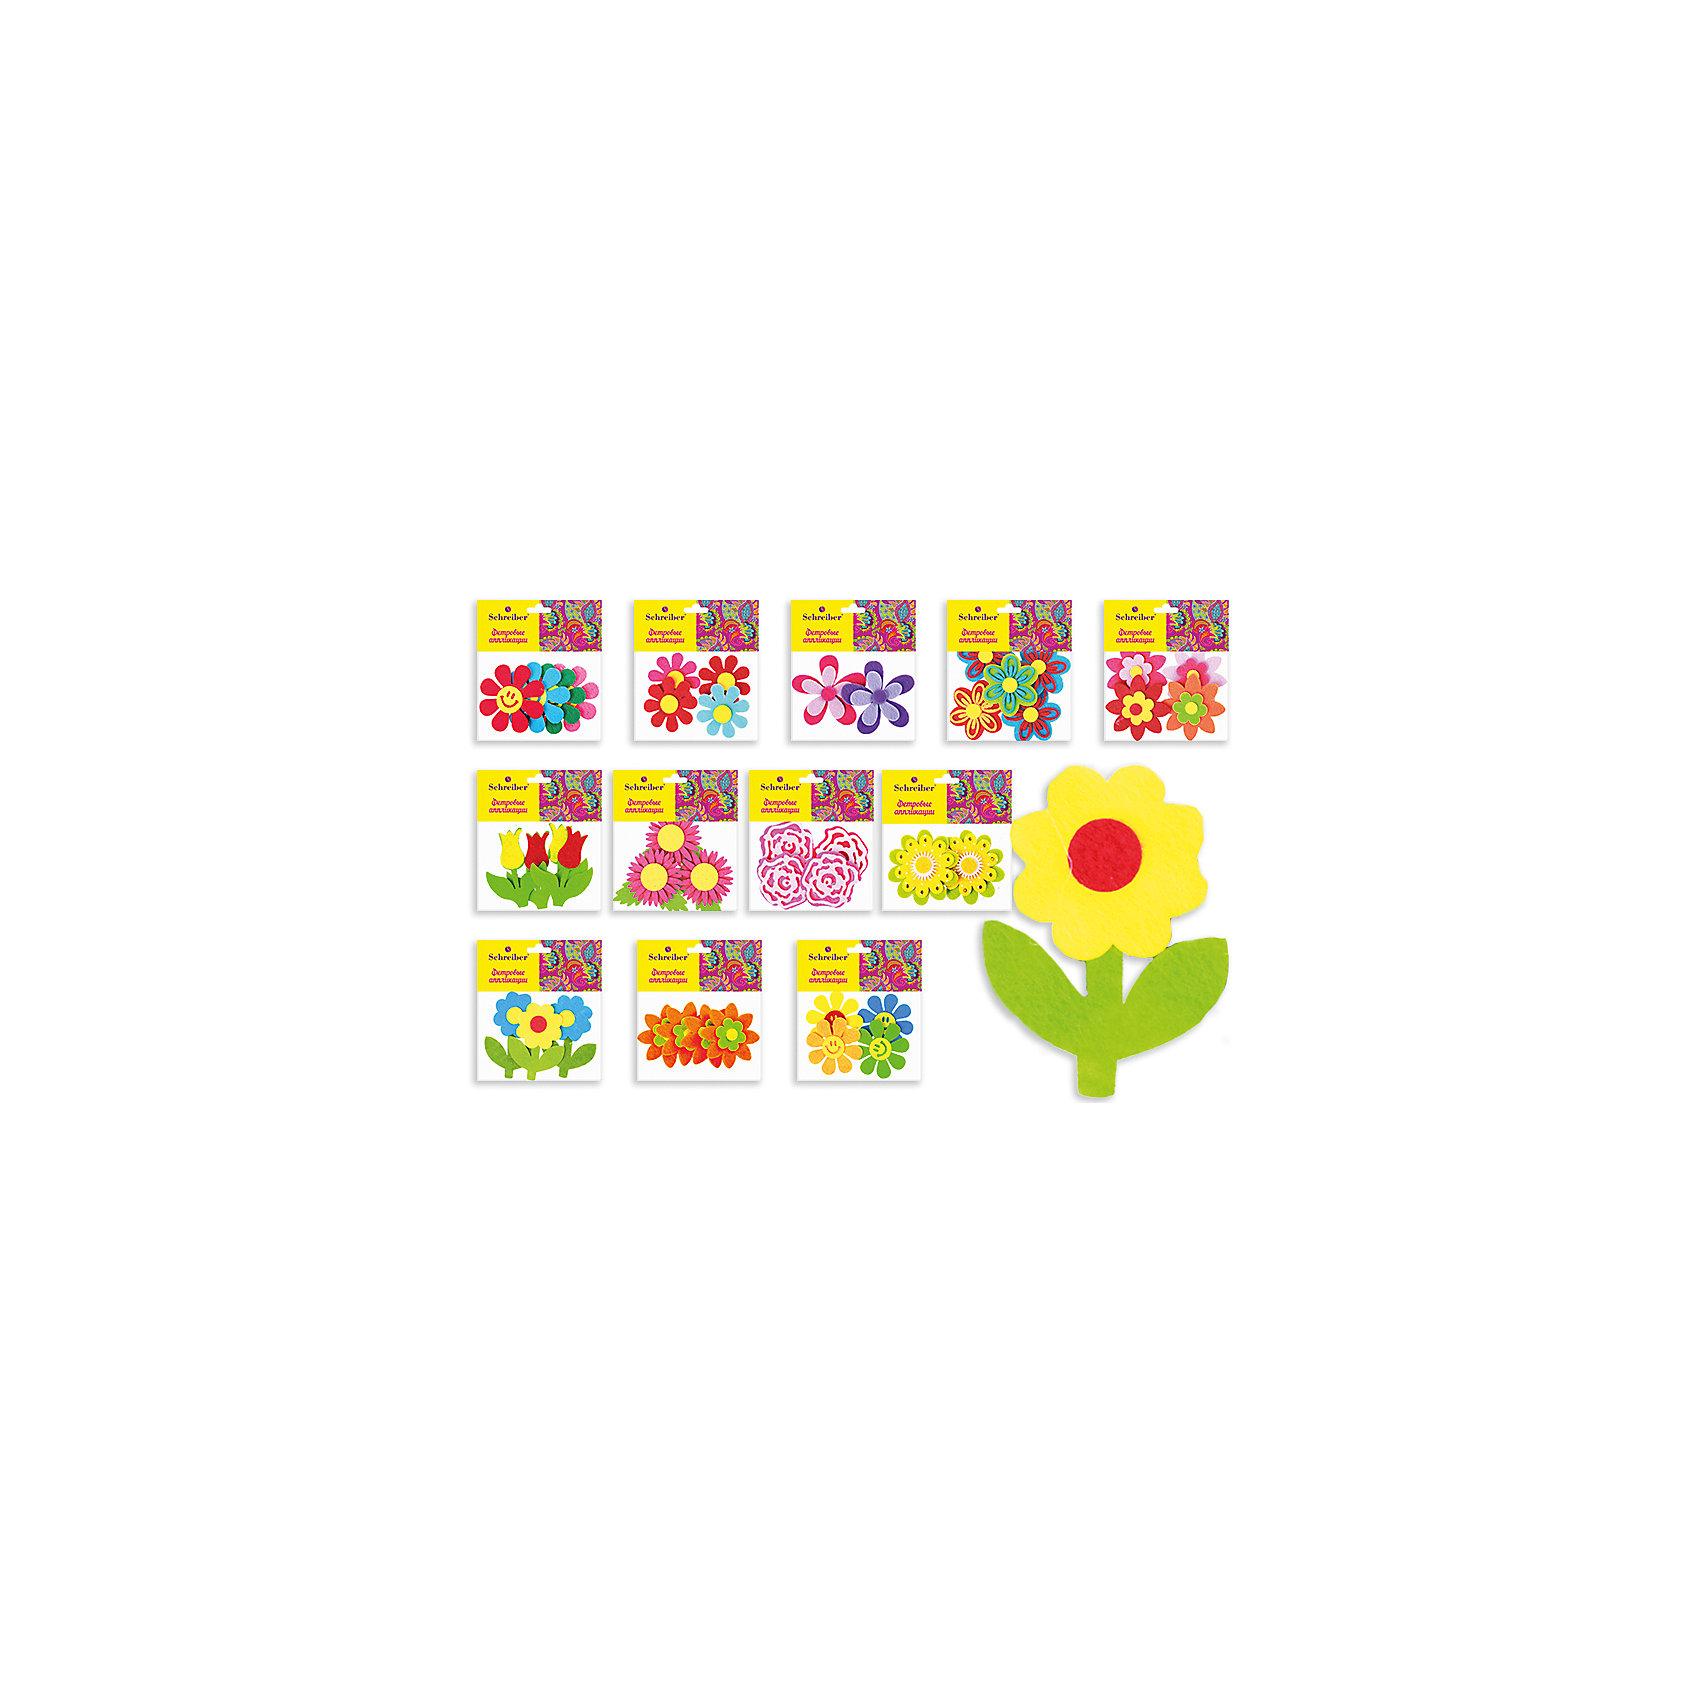 Фетровые аппликации Цветы 12*10 см (12 дизайнов в ассортименте)Рукоделие<br>Фетровые аппликации Цветы 12*10 см (12 дизайнов в ассортименте) от известного торгового бренда канцелярских товаров и товаров для творчества TUKZAR. Набор включает в себя разноцветные заготовки животных, растений и других предметов для занятий аппликацией с детьми дошкольного и младшего школьного возраста. Комплектация позволяет создавать сюжетные картинки. Кроме того, данные заготовки можно использовать в качестве меток для детской одежды.<br>Фетровые аппликации Цветы 12*10 см (12 дизайнов в ассортименте) способствуют развитию у ребенка внимания, усидчивости, воображения и фантазии.<br><br>Дополнительная информация:<br><br>- Предназначение: для аппликаций<br>- Материал: фетр<br>- Комплектация: 12 дизайнов (цветочки)<br>- Размеры упаковки (Д*В): 10*12 см<br>- Упаковка: полиэтилен<br><br>Подробнее:<br><br>• Для детей в возрасте: от 3 лет <br>• Страна производитель: Китай<br>• Торговый бренд: TUKZAR<br><br>Фетровые аппликации Цветы 12*10 см (12 дизайнов в ассортименте) можно купить в нашем интернет-магазине.<br><br>Ширина мм: 120<br>Глубина мм: 100<br>Высота мм: 10<br>Вес г: 50<br>Возраст от месяцев: 36<br>Возраст до месяцев: 72<br>Пол: Унисекс<br>Возраст: Детский<br>SKU: 5001410